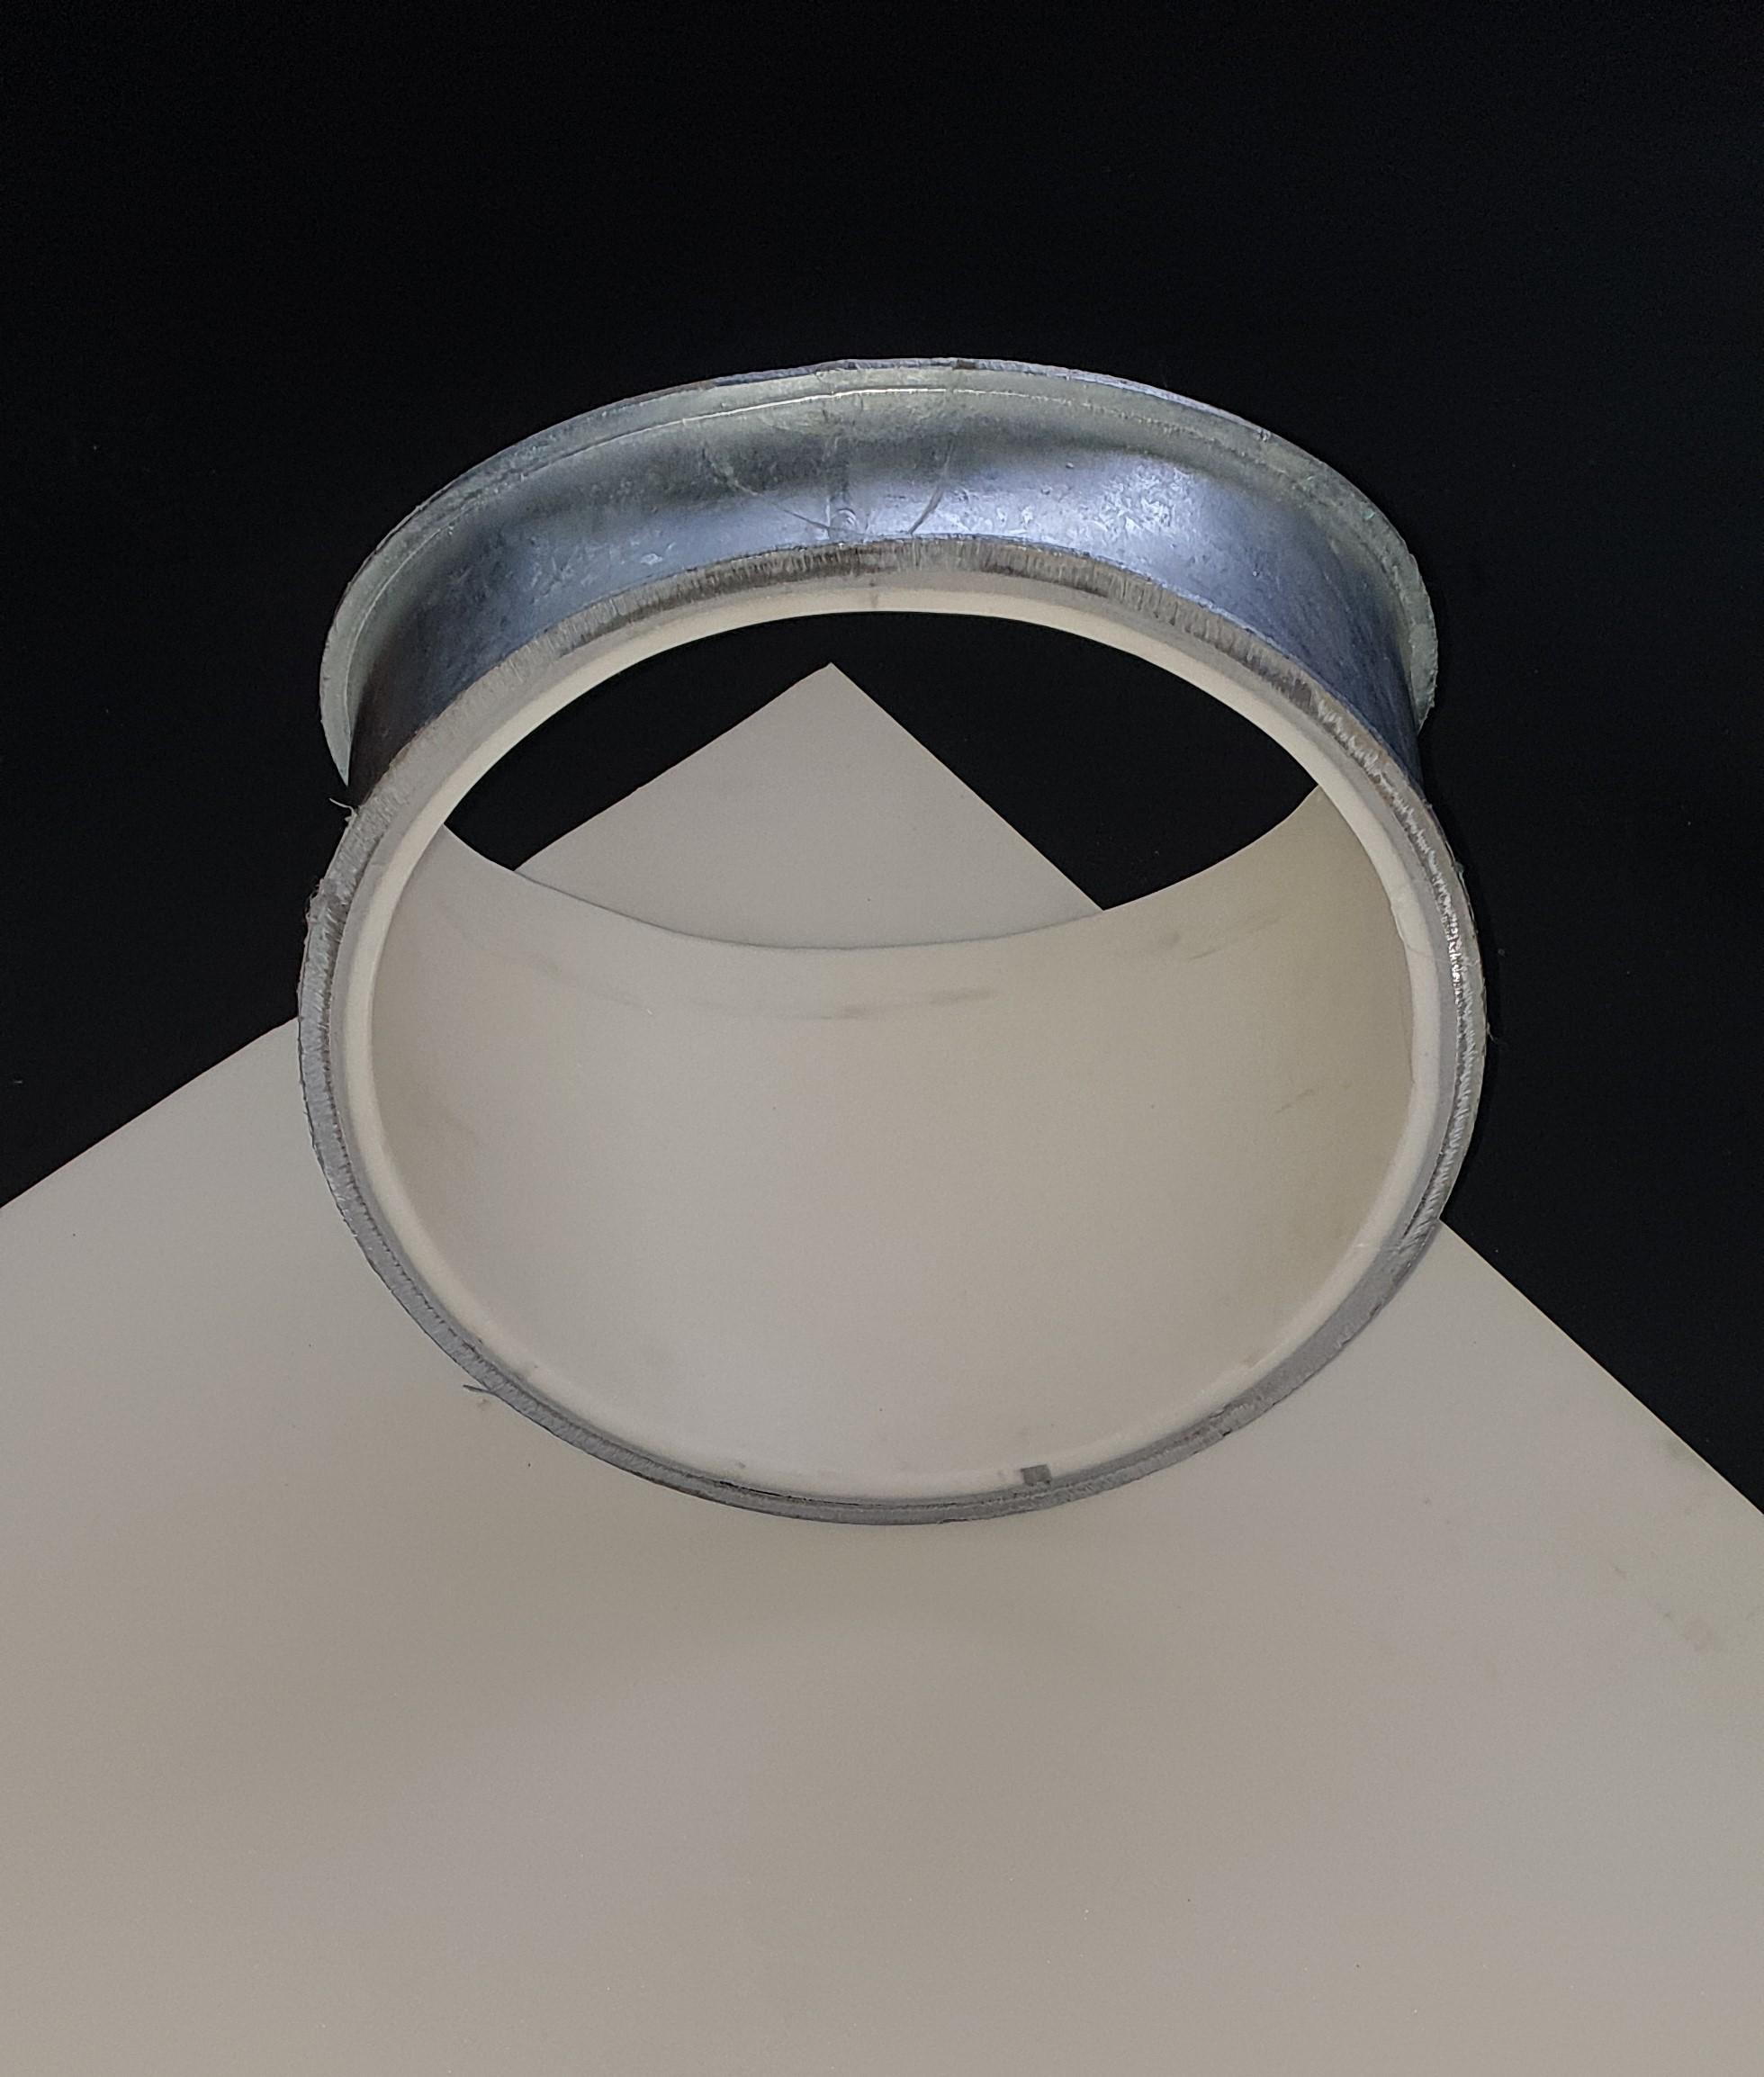 Verschleißschutz - Platte Polyurethan mit einseitiger Haftschicht 2500 x 1400 x 8 mm